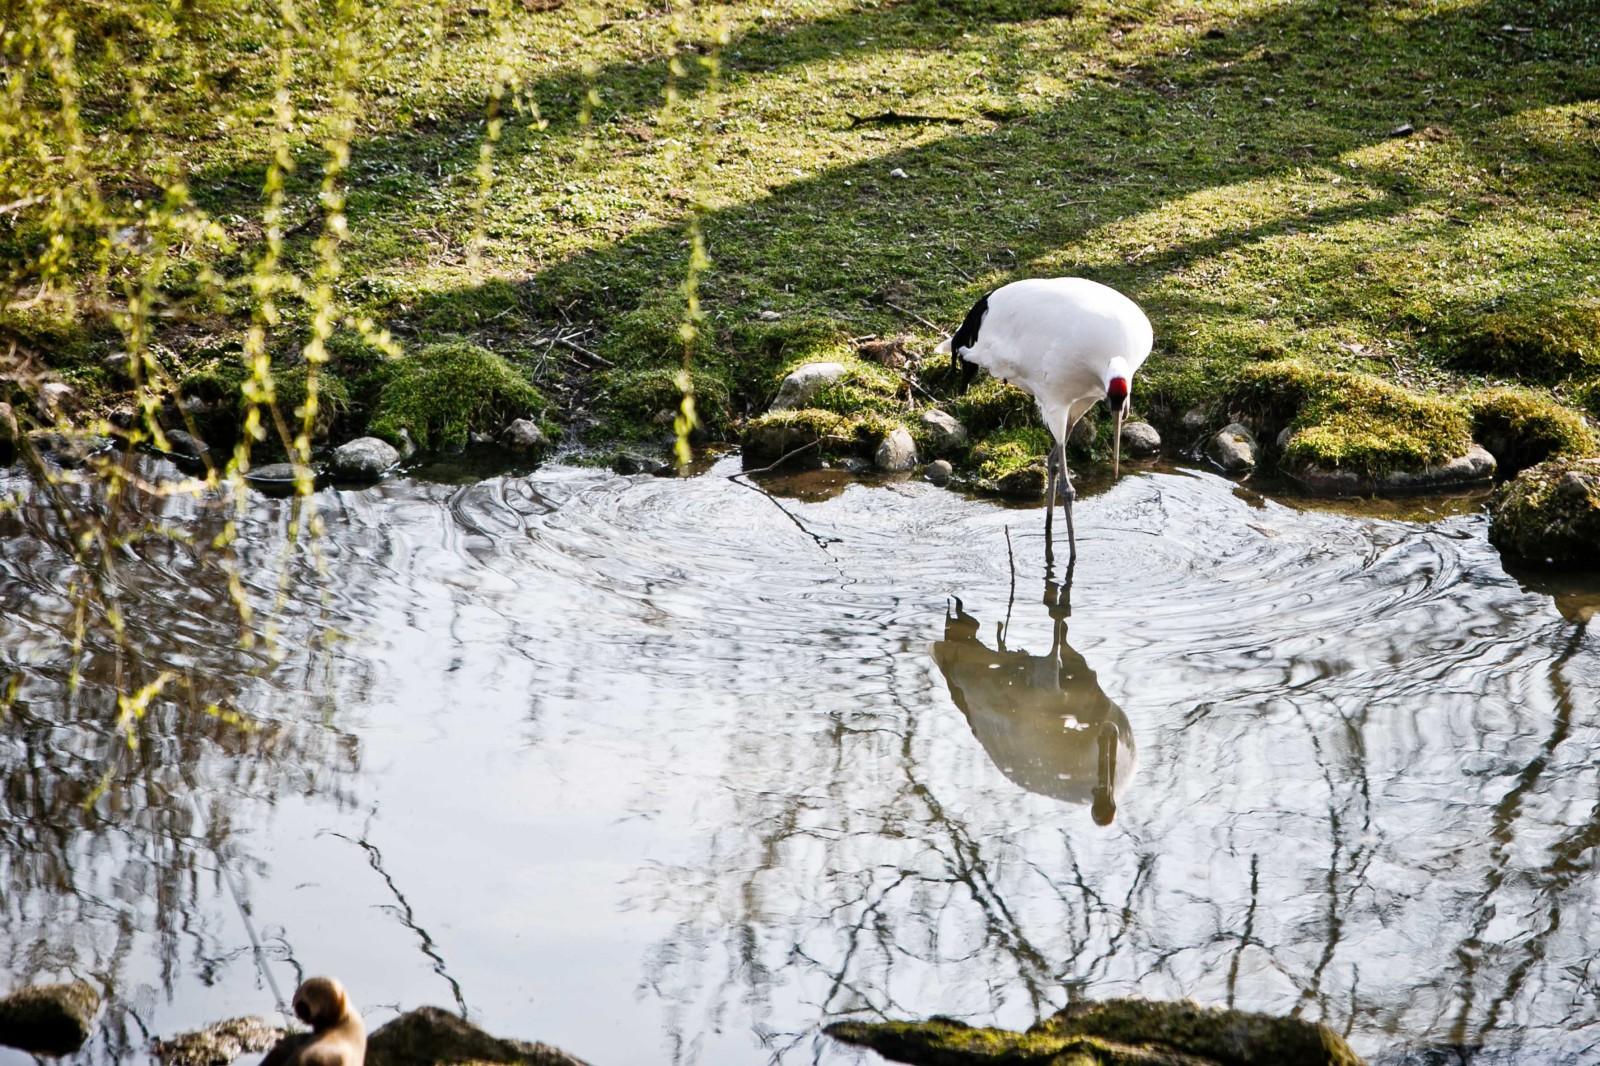 Der Weißstorch beim Plantschen im Teich